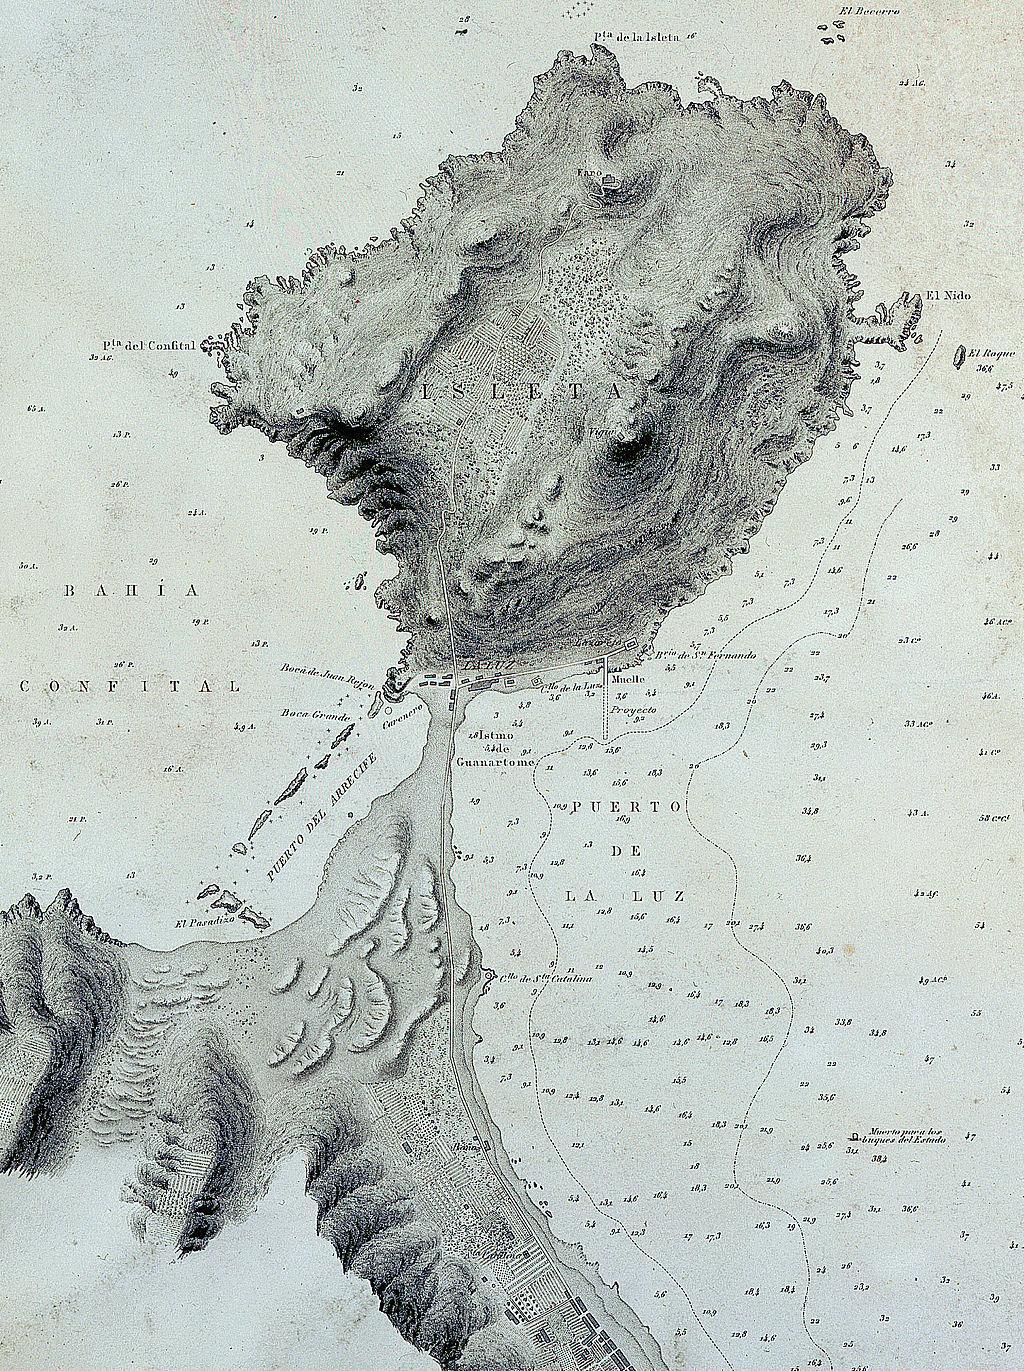 Isleta-peninsula-Gran-Canaria-Old-Map-1879